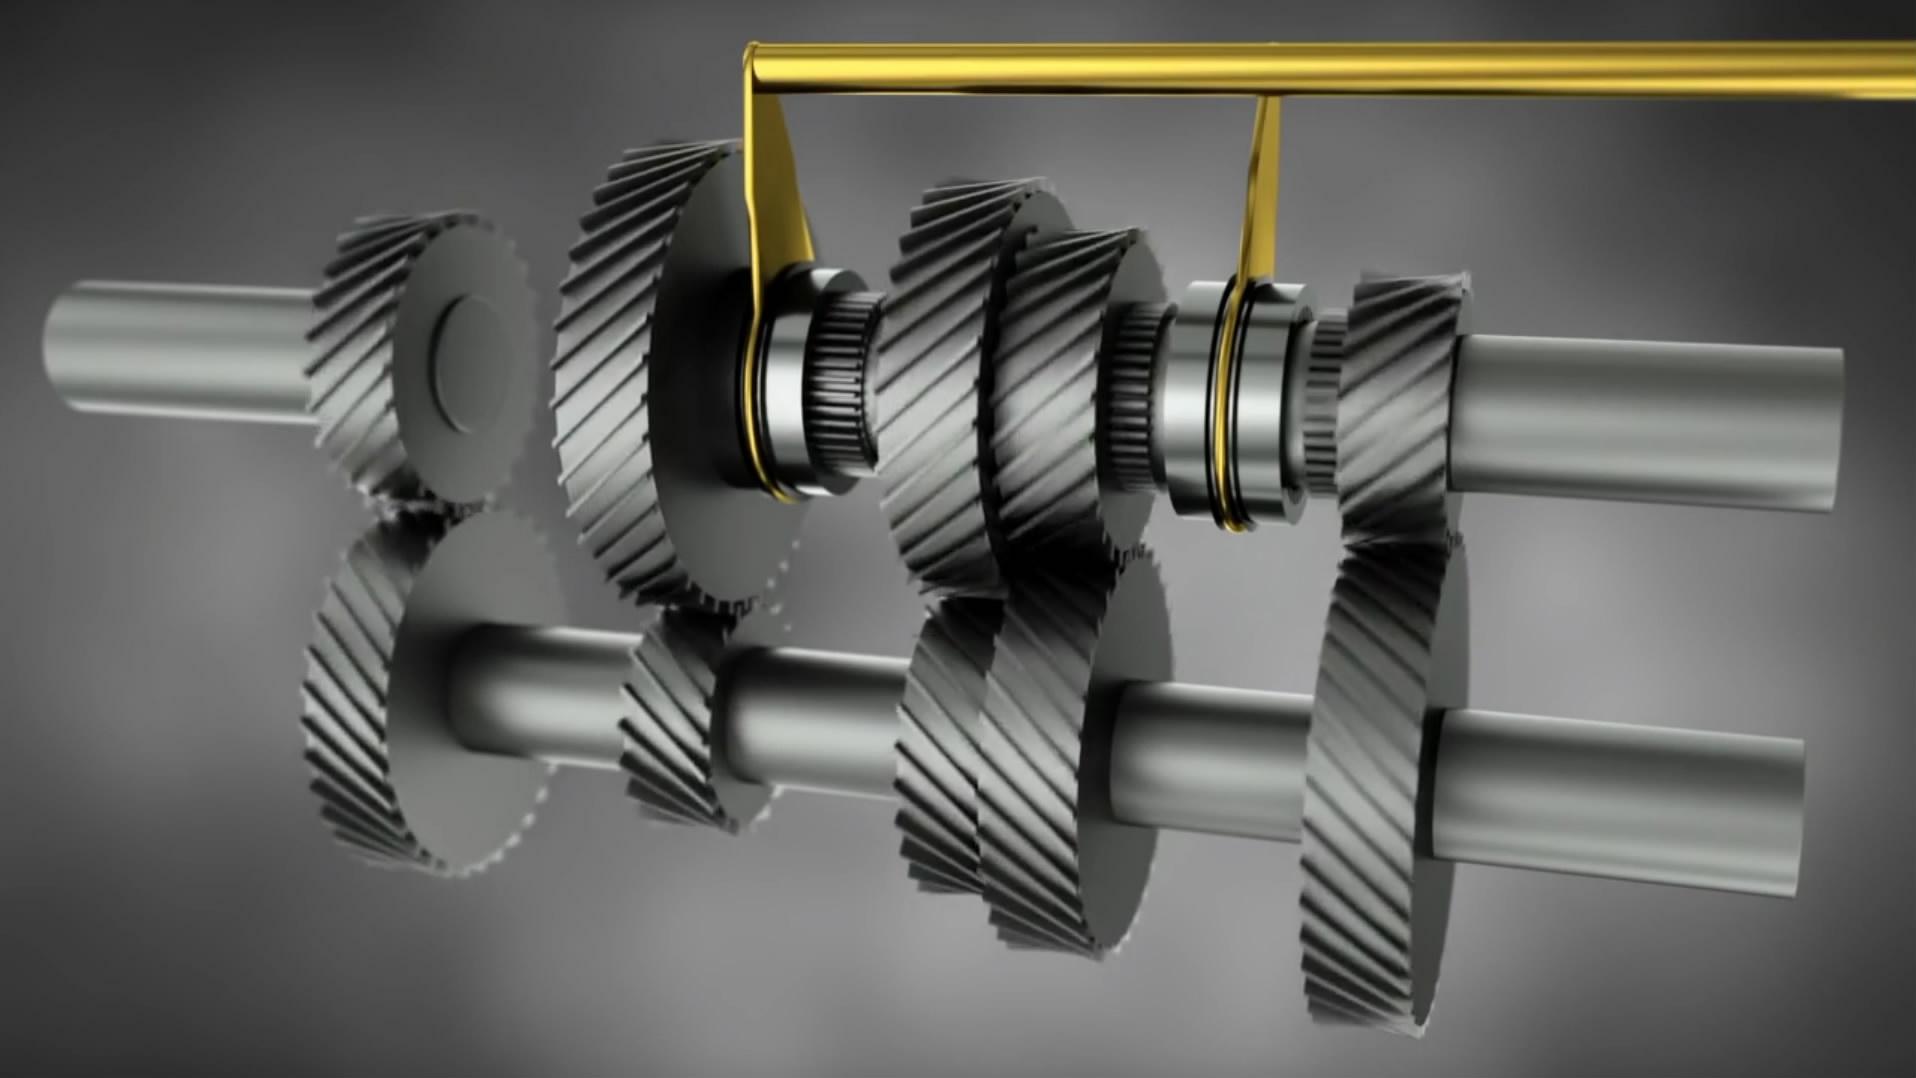 机械齿轮动画:机械仿真3d动画制作、机械设计三维动画制作